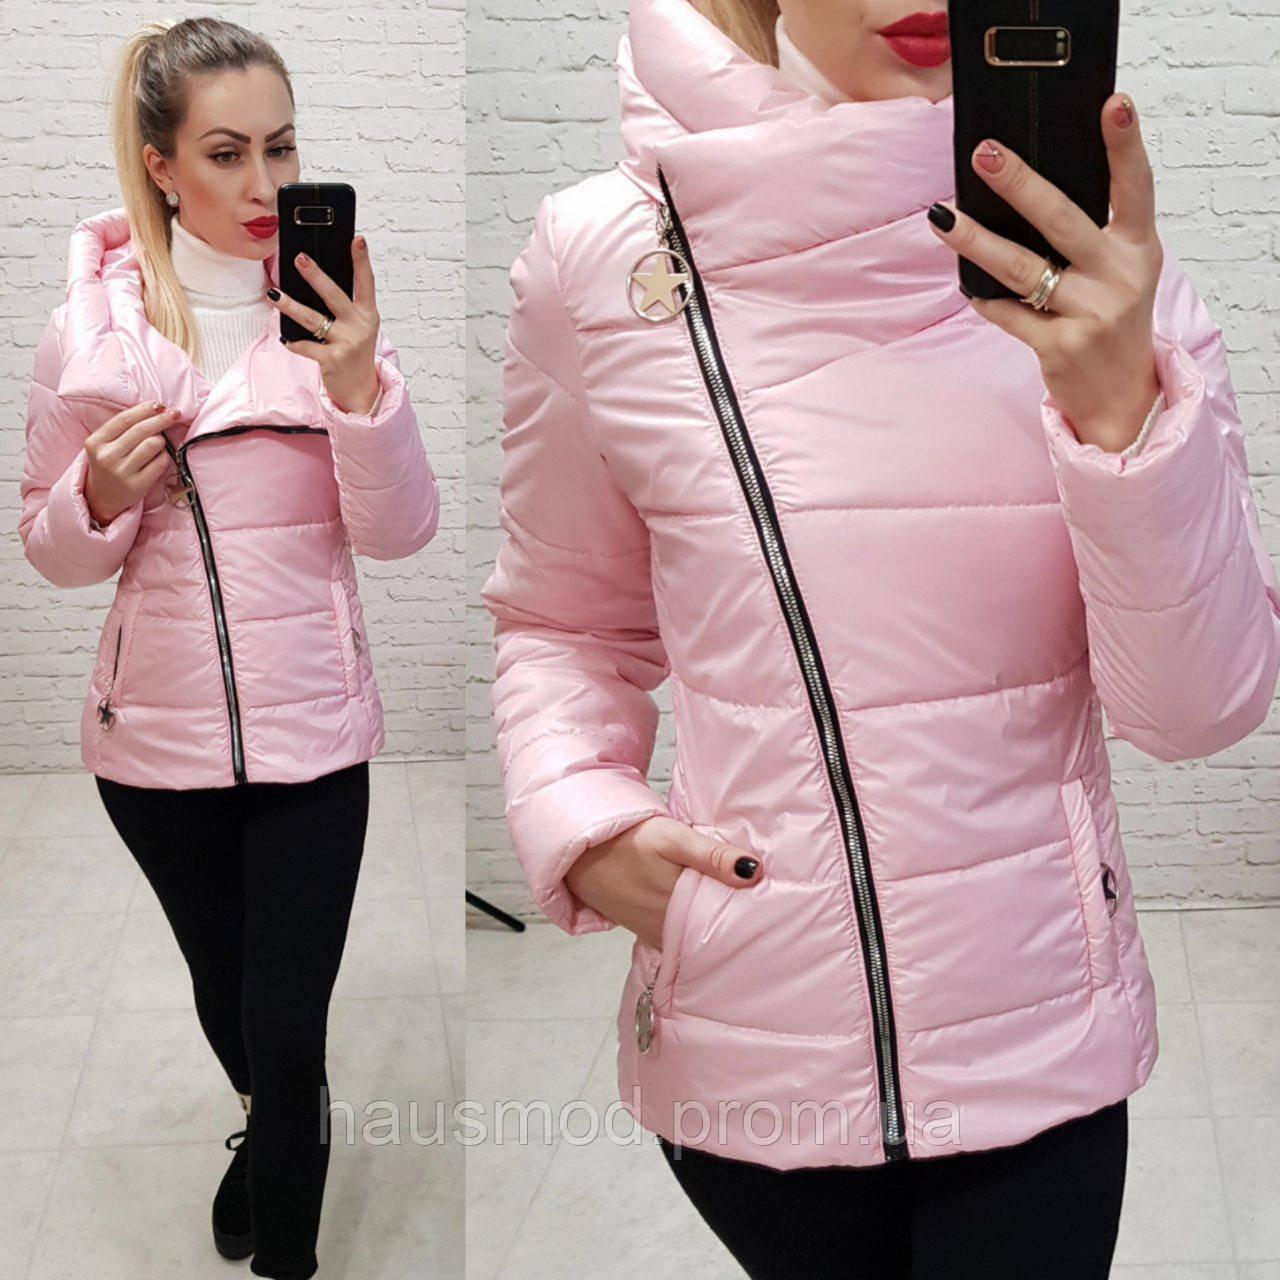 Женская куртка весна косая молнияткань плащевка на силиконе цвет розовый